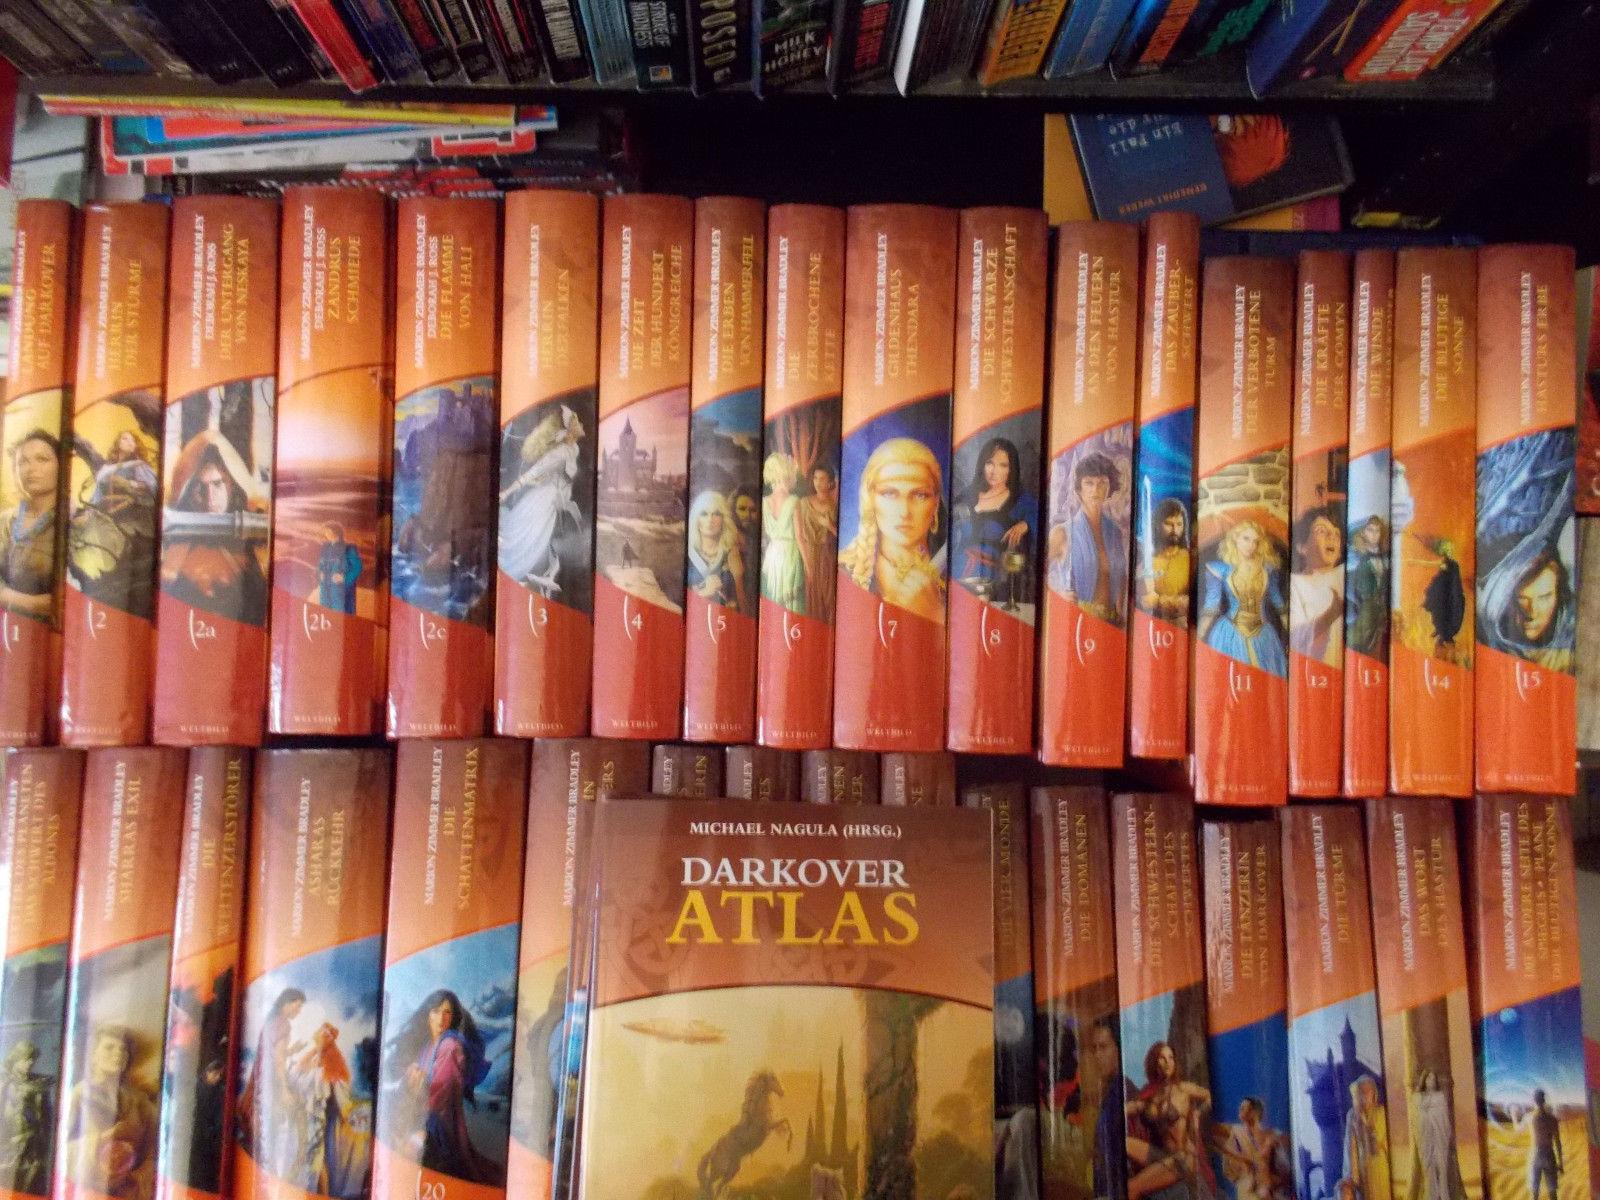 Darkover Zyklus, Marion Zimmer Bradley, alle 35 Bücher + Atlas 1 bis 5, Weltbild